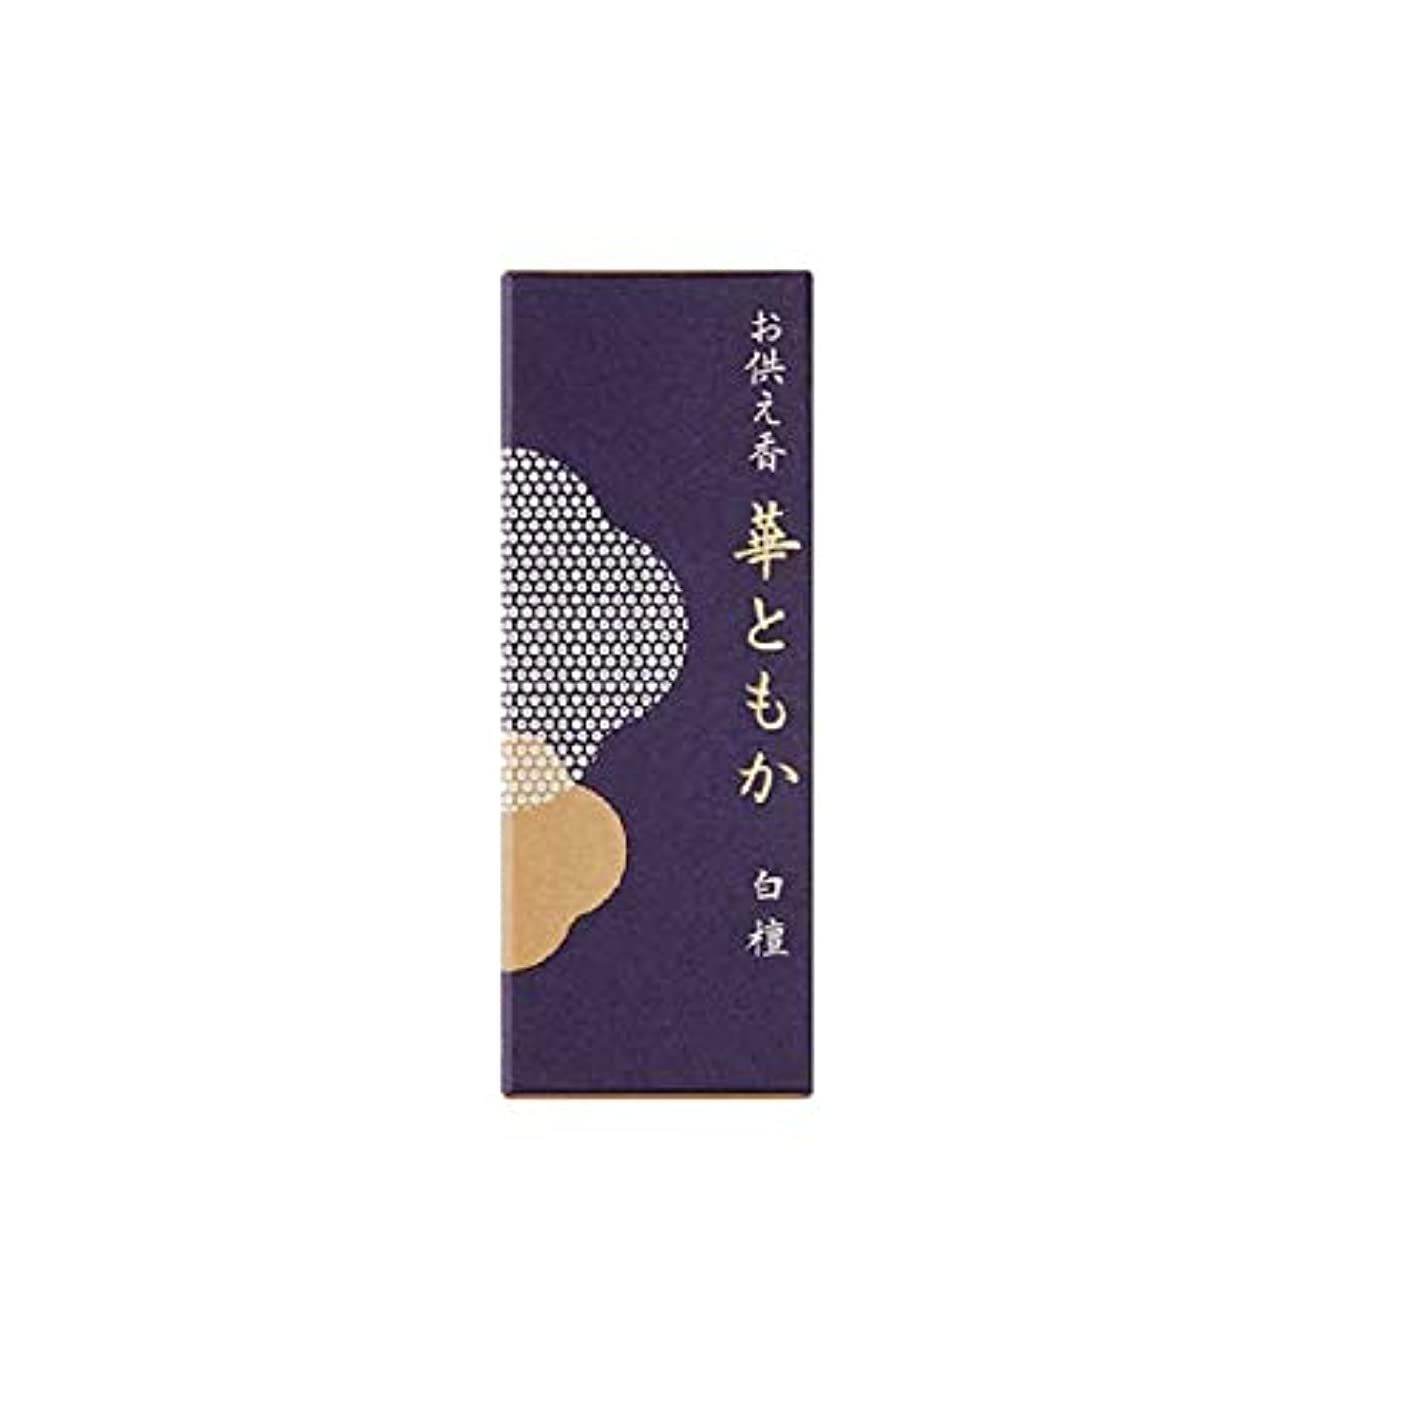 縫い目浸漬鉛筆お供え香 華ともか 補充用香料 白檀の香り